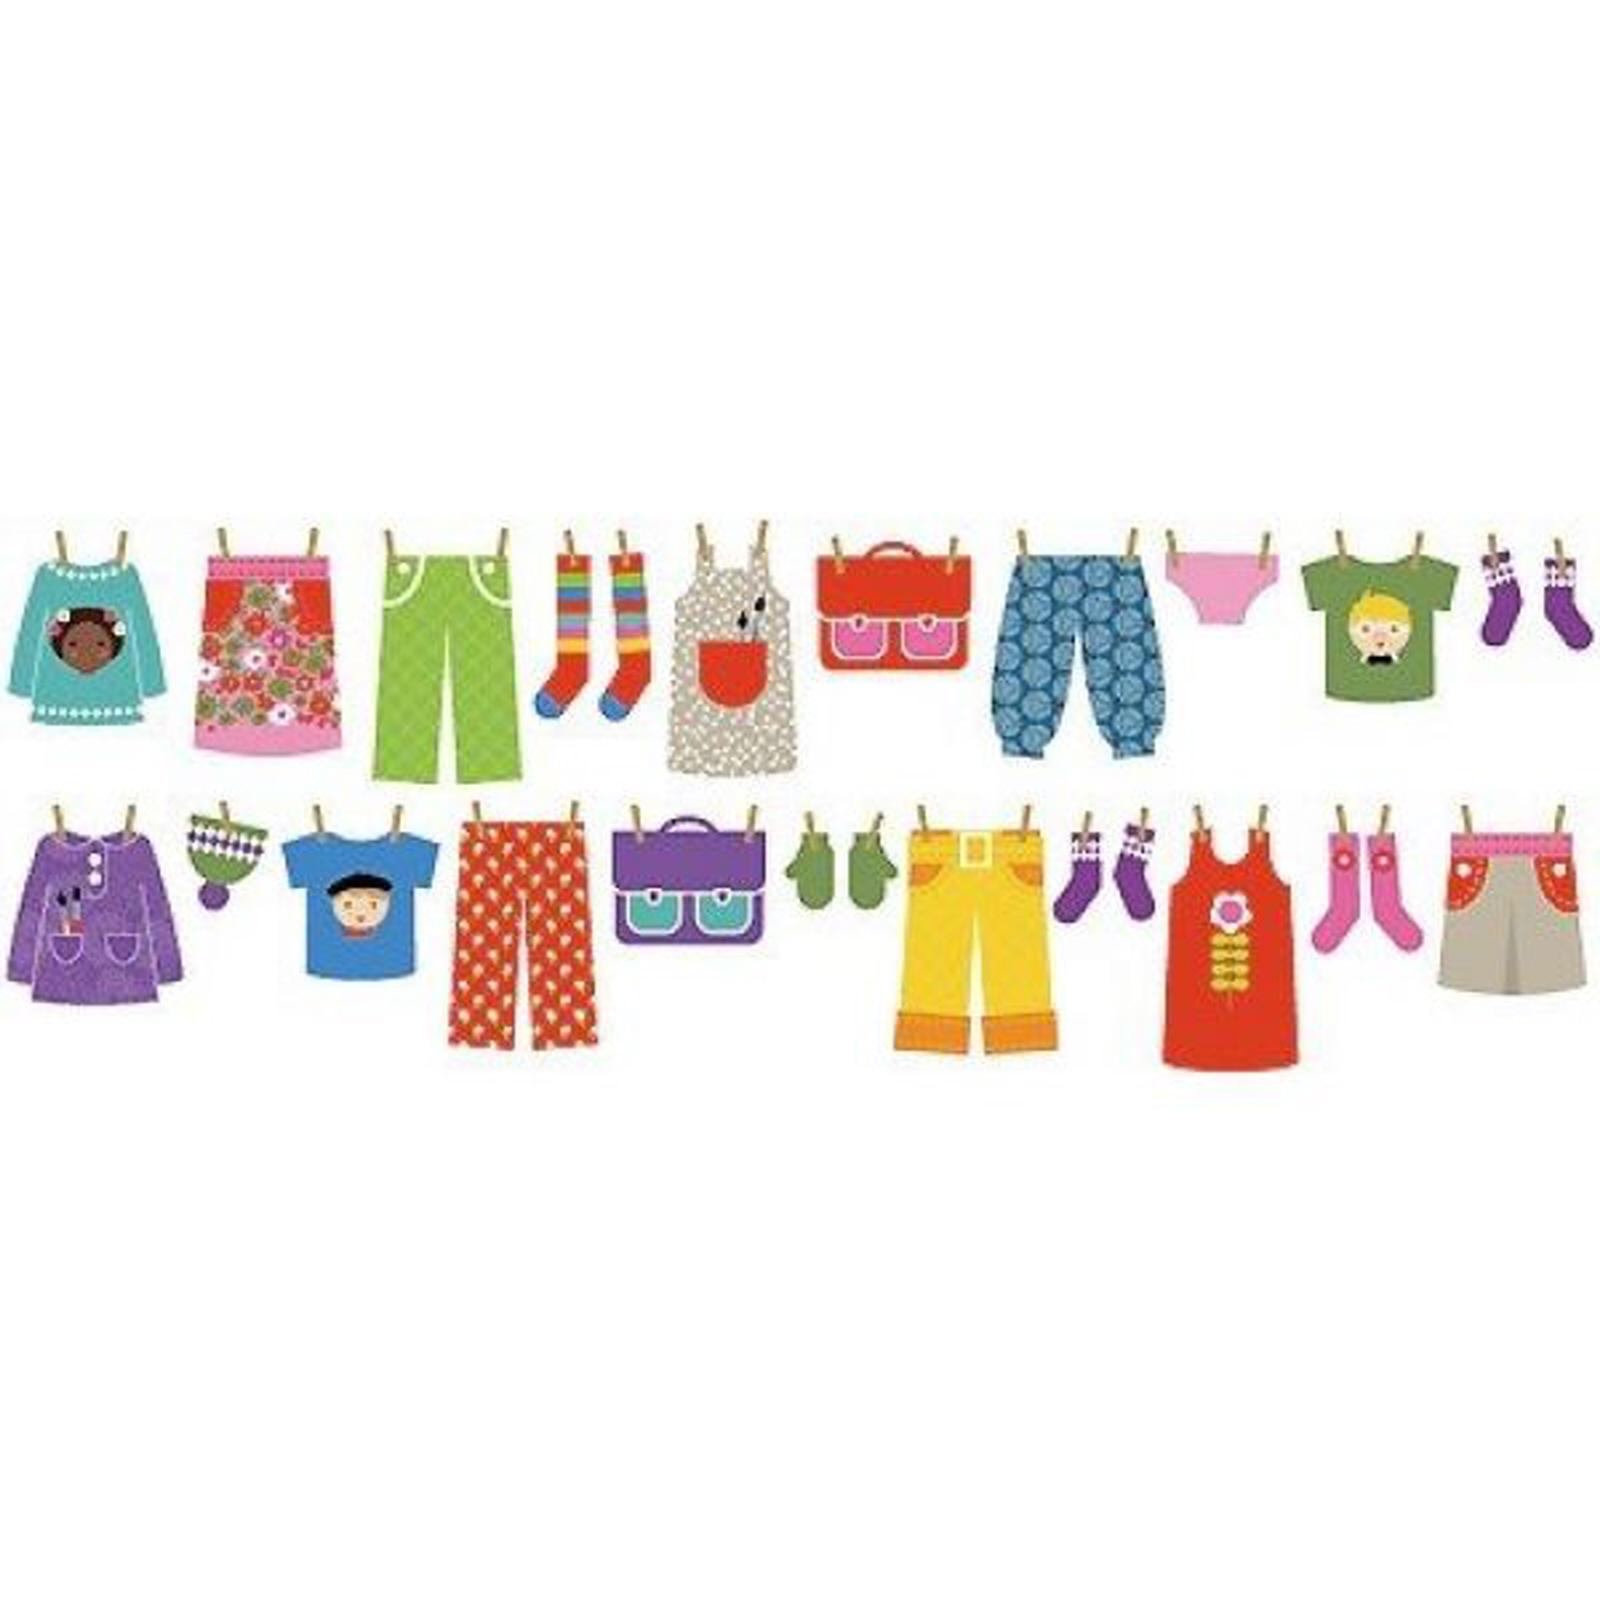 8dc777ae4e587 Troquer les vêtements de vos enfants pour faire des économies c est possible